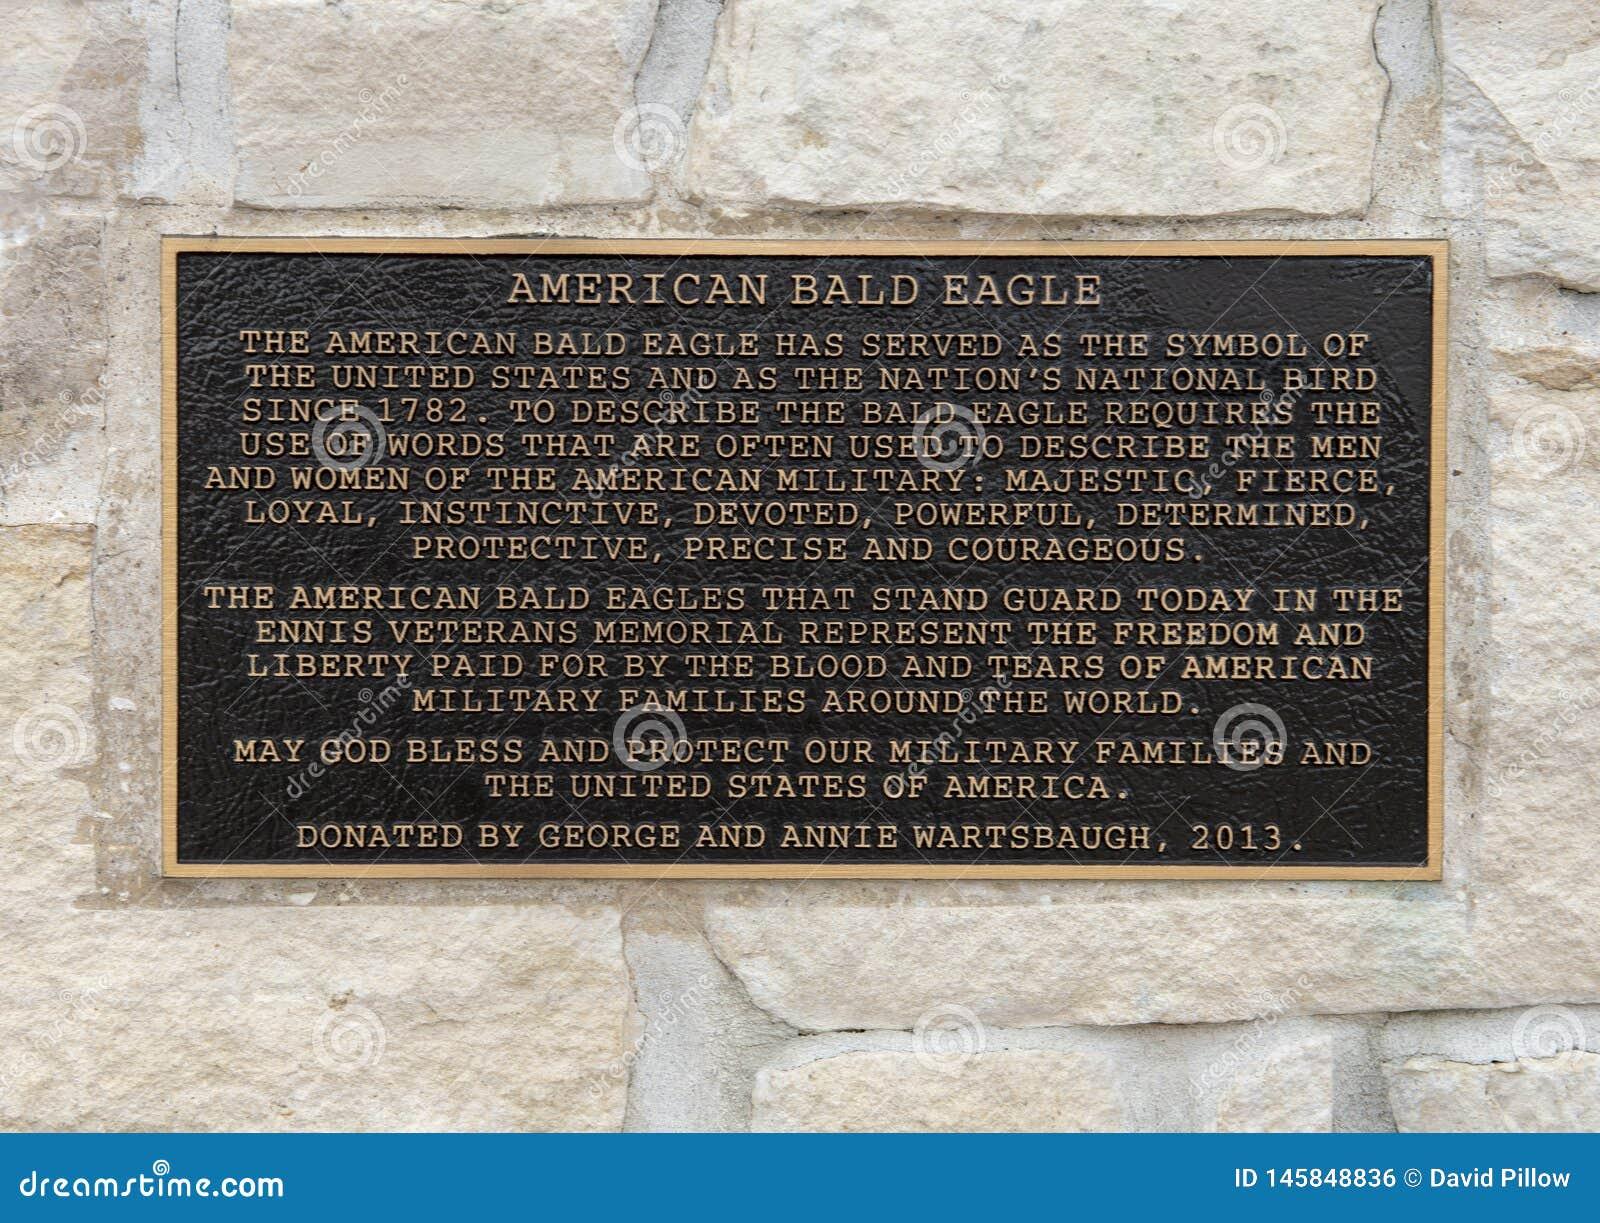 Πινακίδα πληροφοριών για ένα ζευγάρι των φαλακρών γλυπτών αετών που πλαισιώνουν την είσοδο στο αναμνηστικό πάρκο του παλαιμάχου,